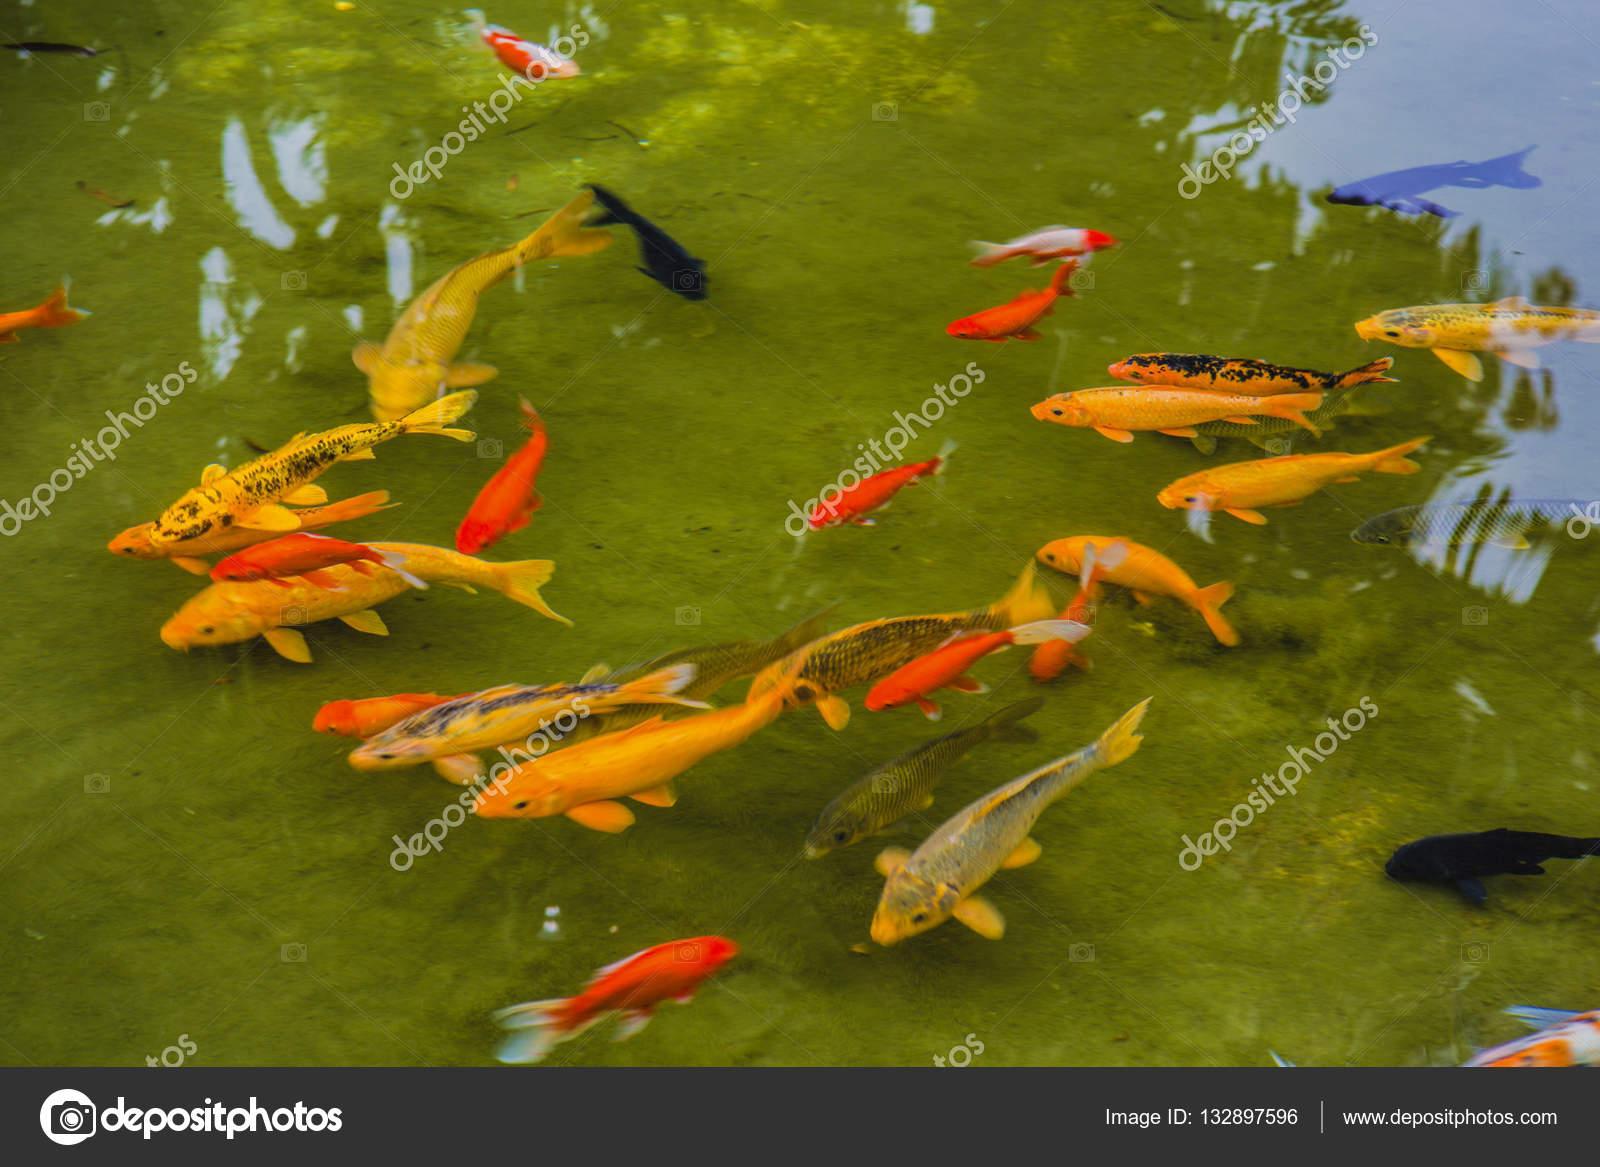 Vissen In Vijver : Vissen in de vijver u2014 stockfoto © 532906574.qq.com #132897596